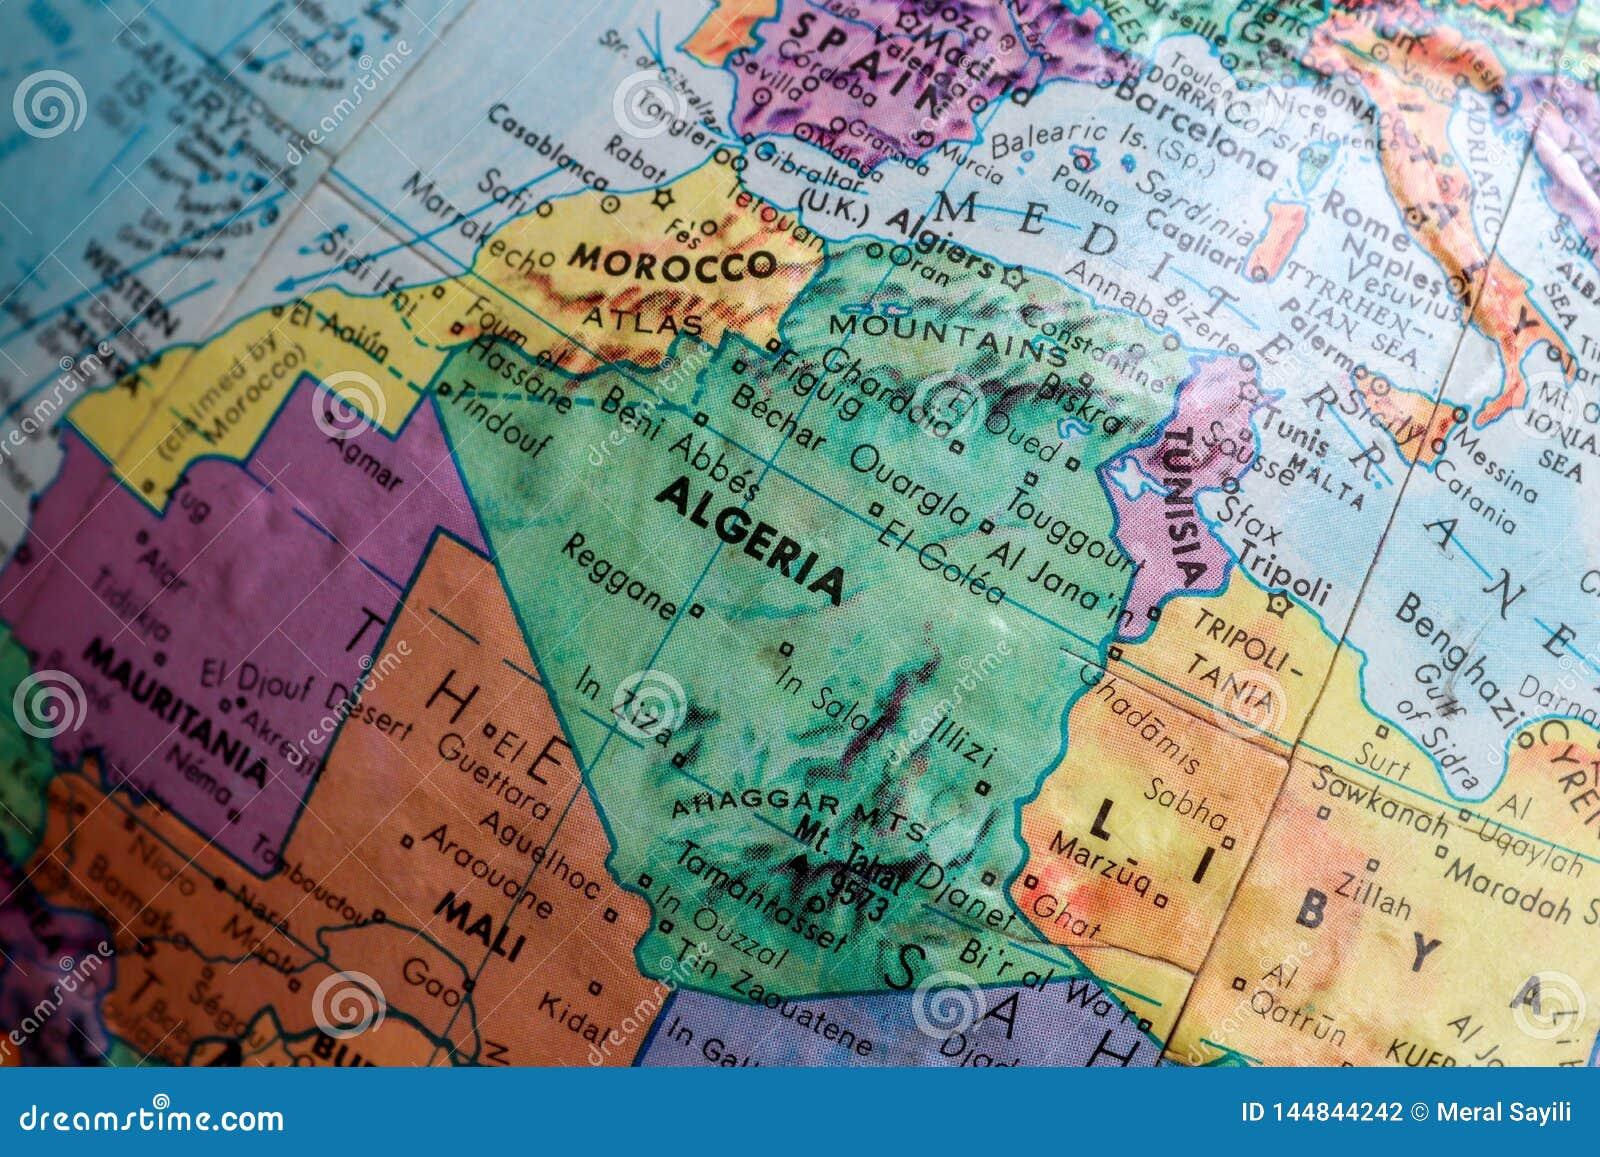 Mapa viejo de la impresión, globo terrestre, África, Marruecos, Argelia